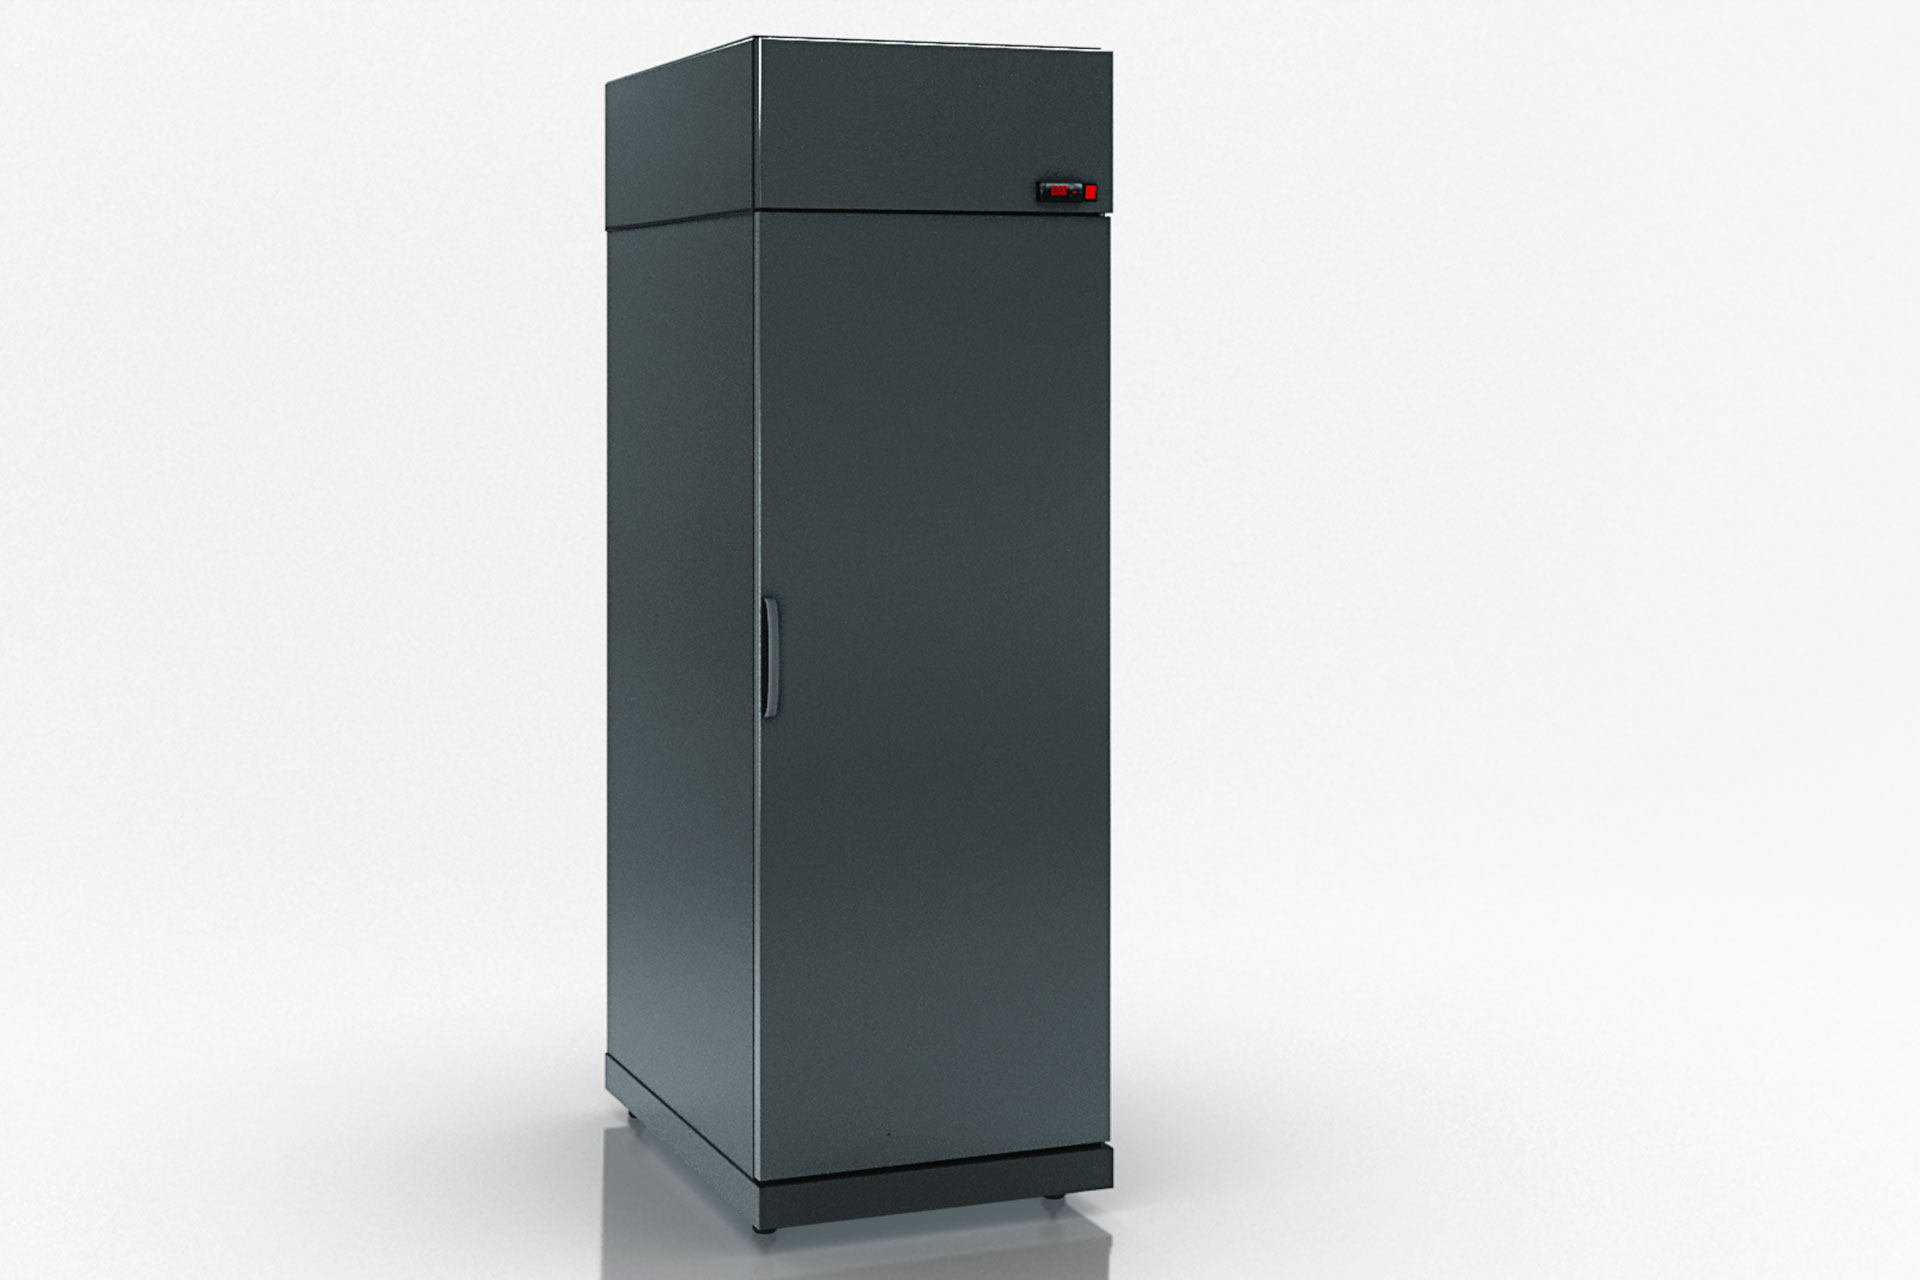 Kühlschränke Kansas VАZG 065/075/085 MT/HT 1HD 210-D500/D600/D700A-065